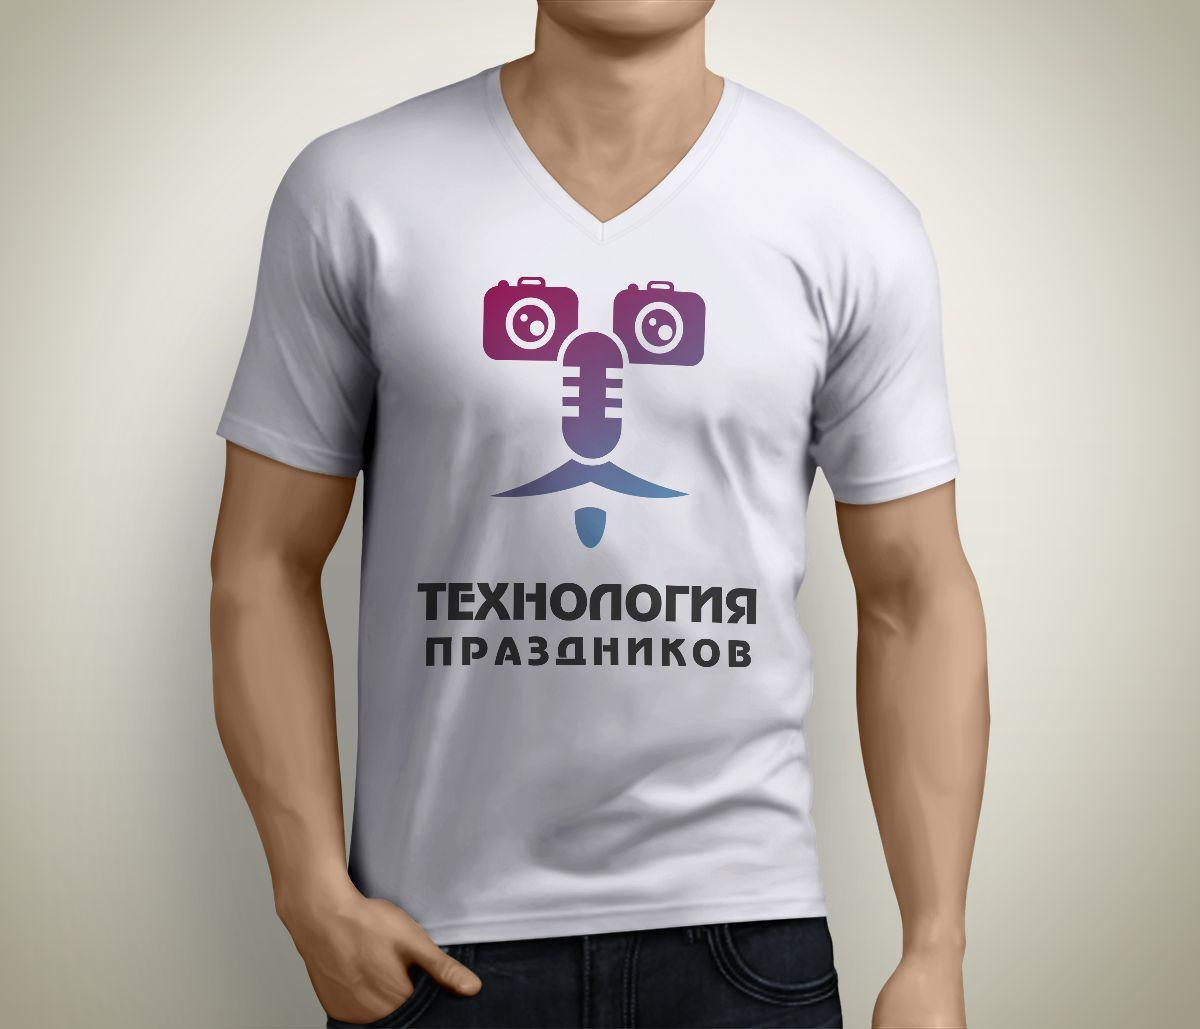 Придумать логотип и фирменный стиль - дизайнер zet333